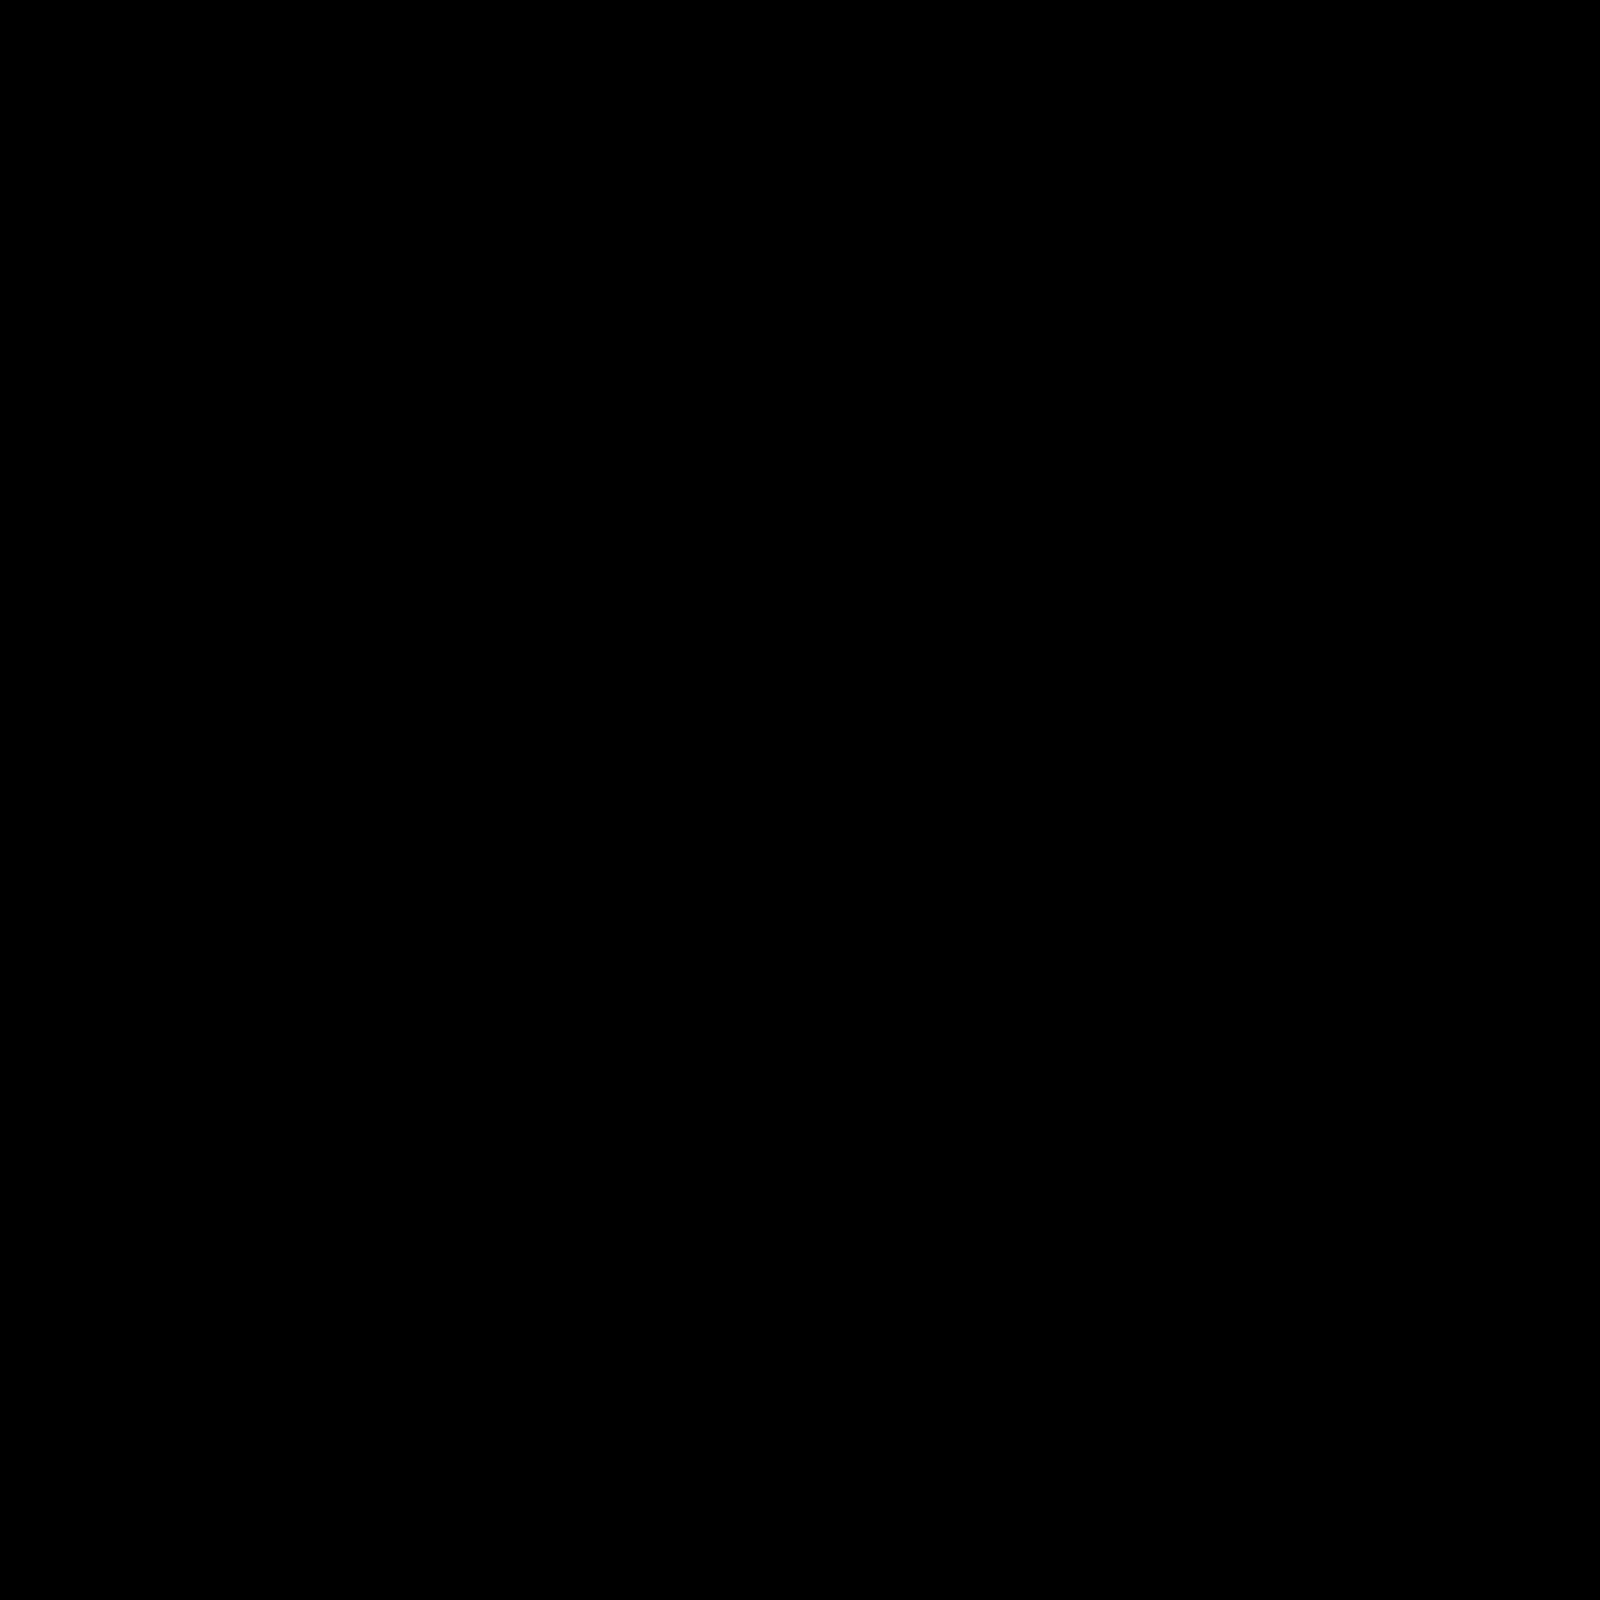 Konto handlowe icon